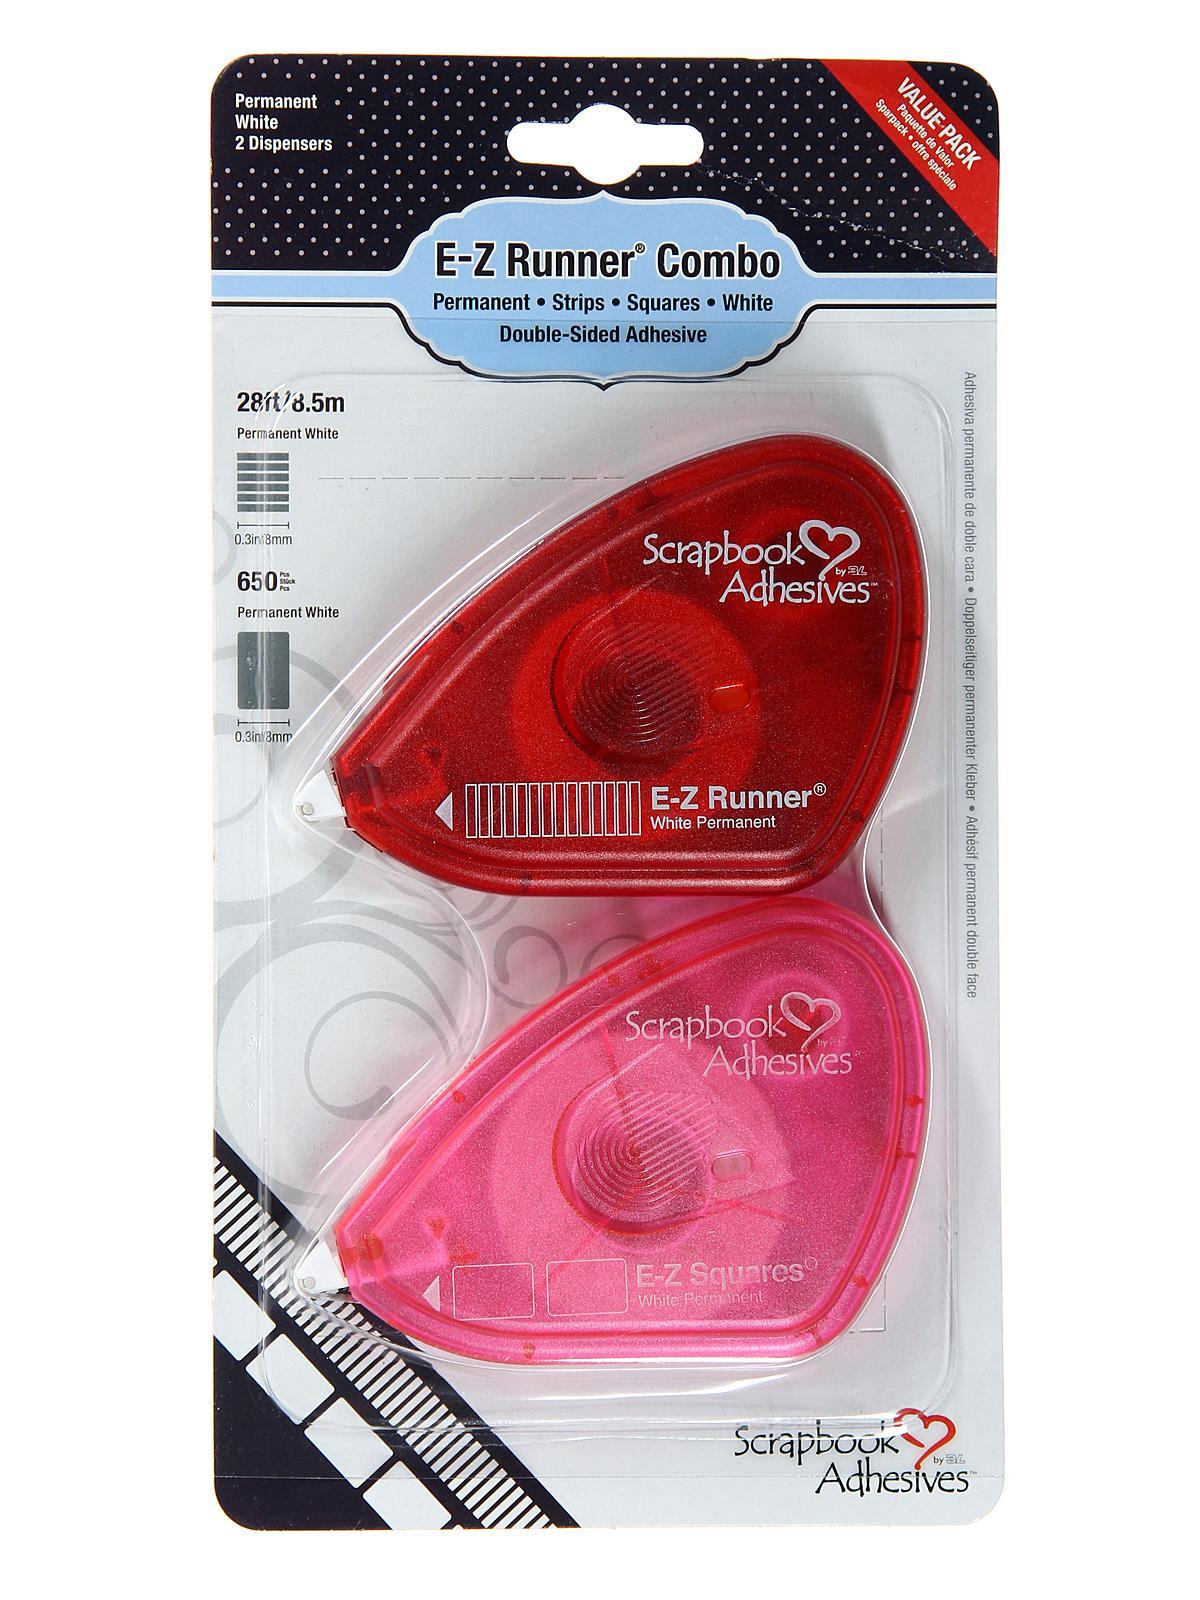 E-Z Runners